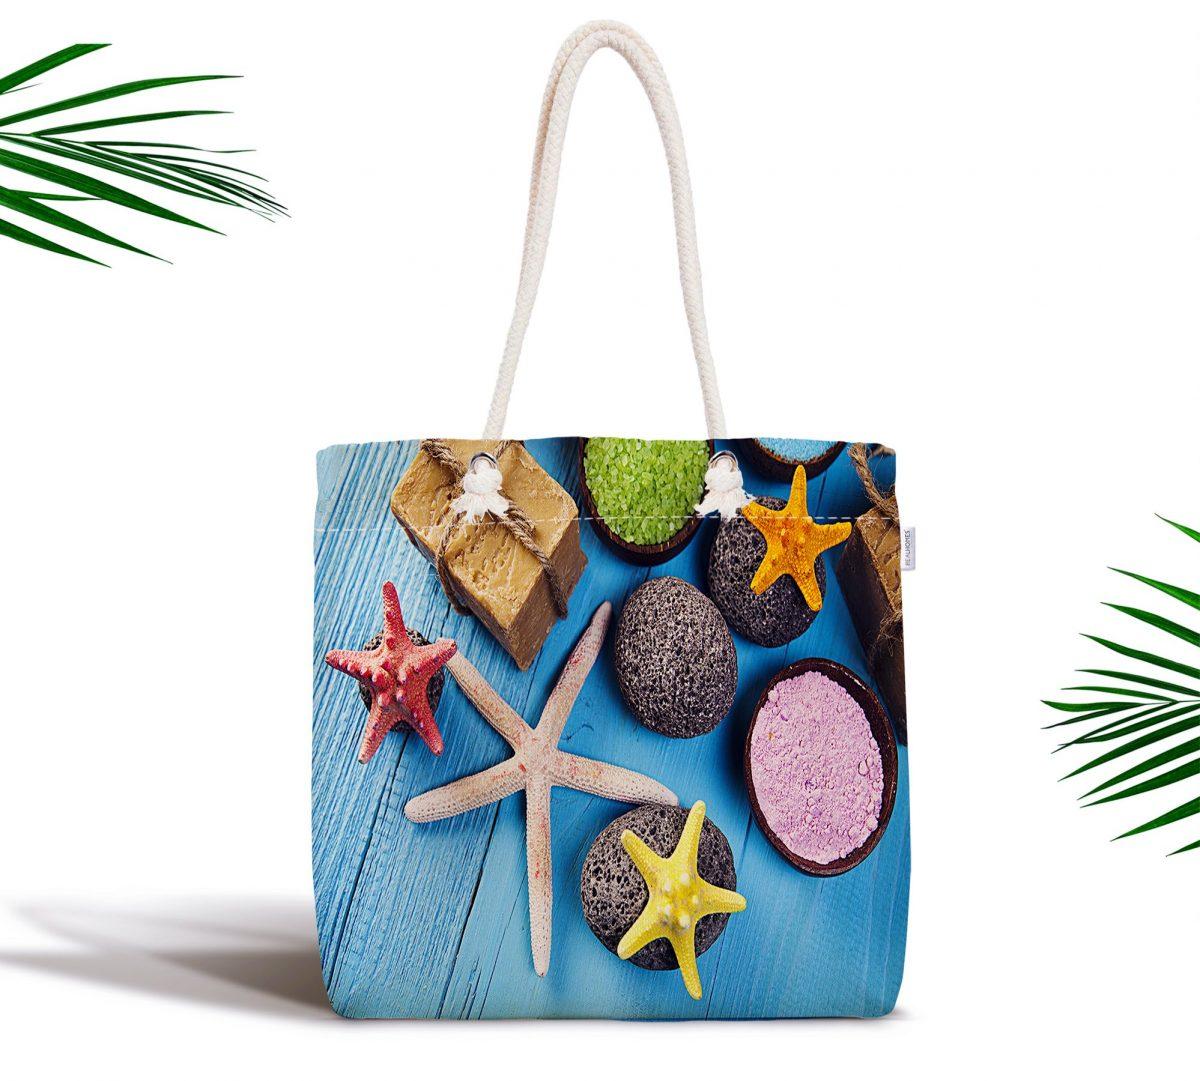 Deniz Yıldızı Özel Tasarımlı Fermuarlı Kumaş Çanta Realhomes